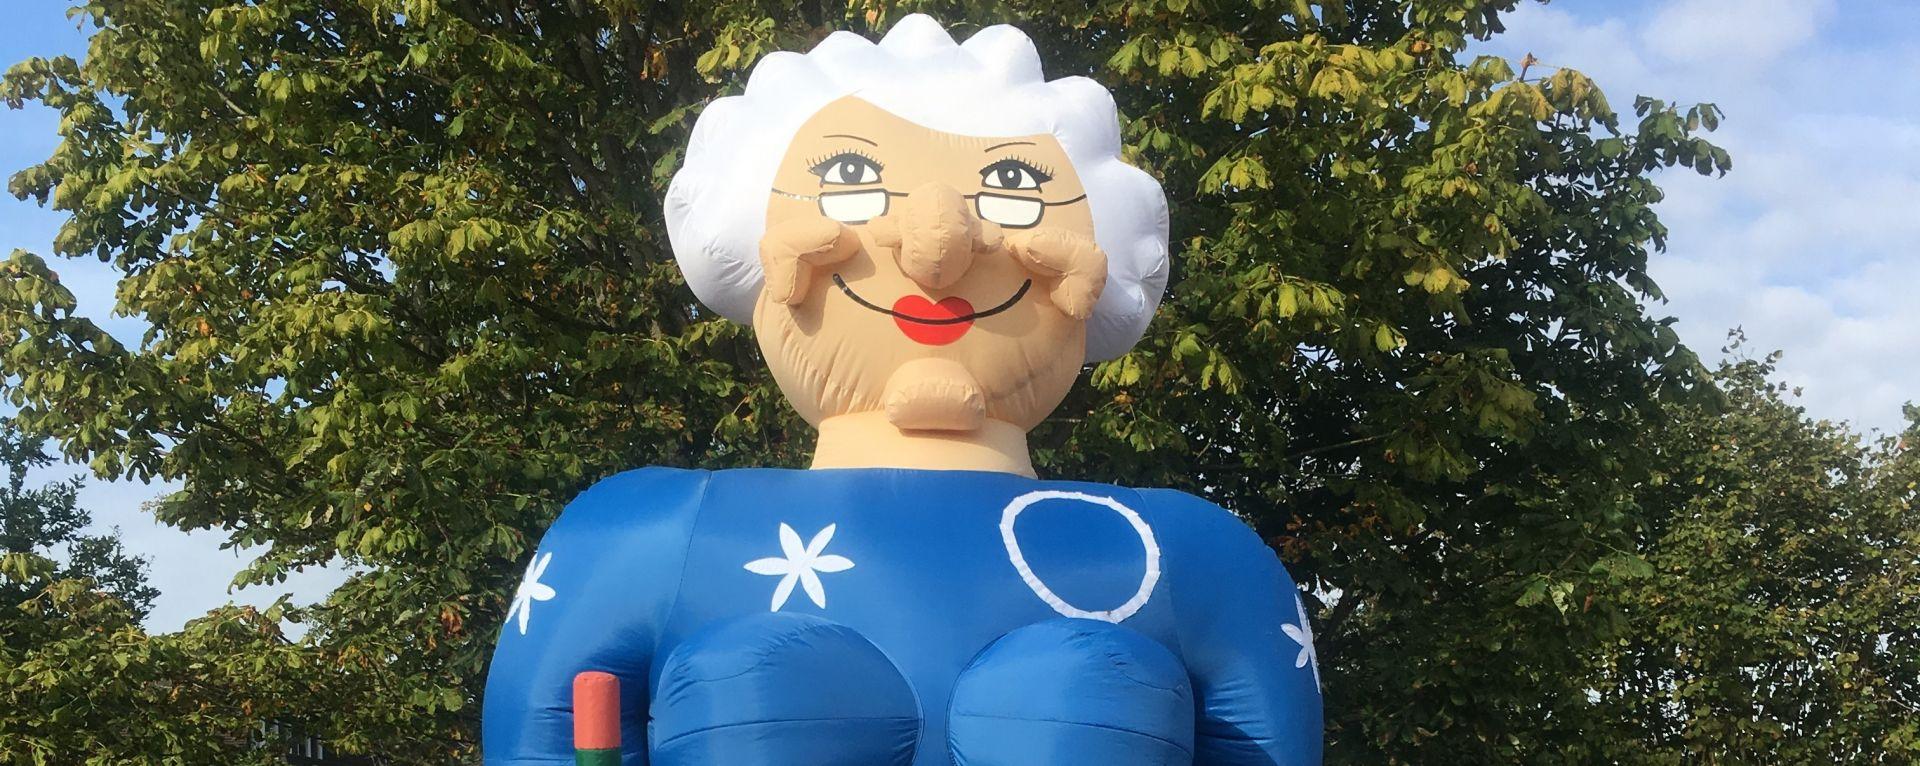 Opblaasbare Feestpop voor 70 jarige vrouw